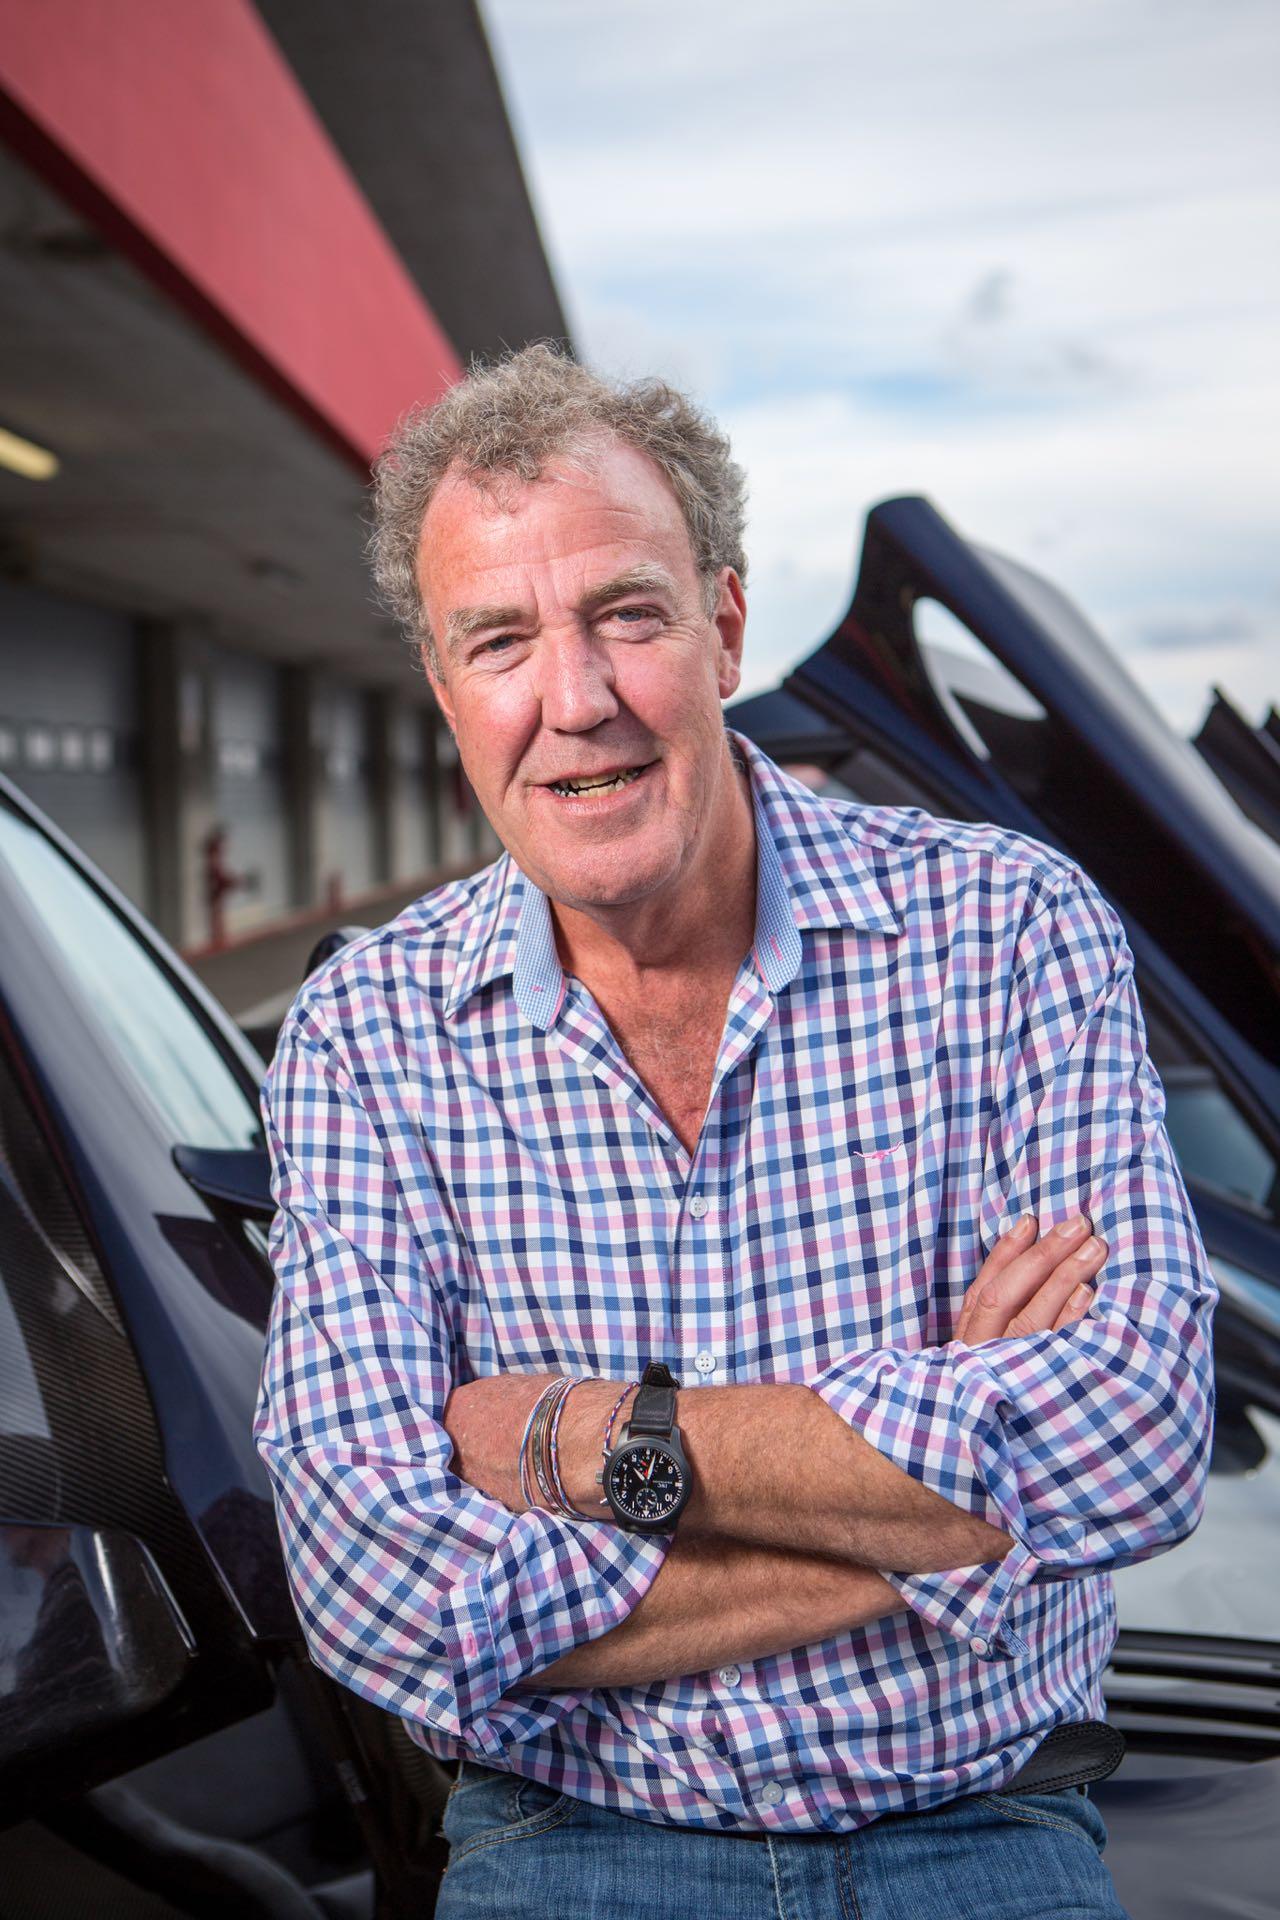 #Petrolhead : Jeremy Clarkson... Oui, Sa Majesté sur DLEDMV ! 8